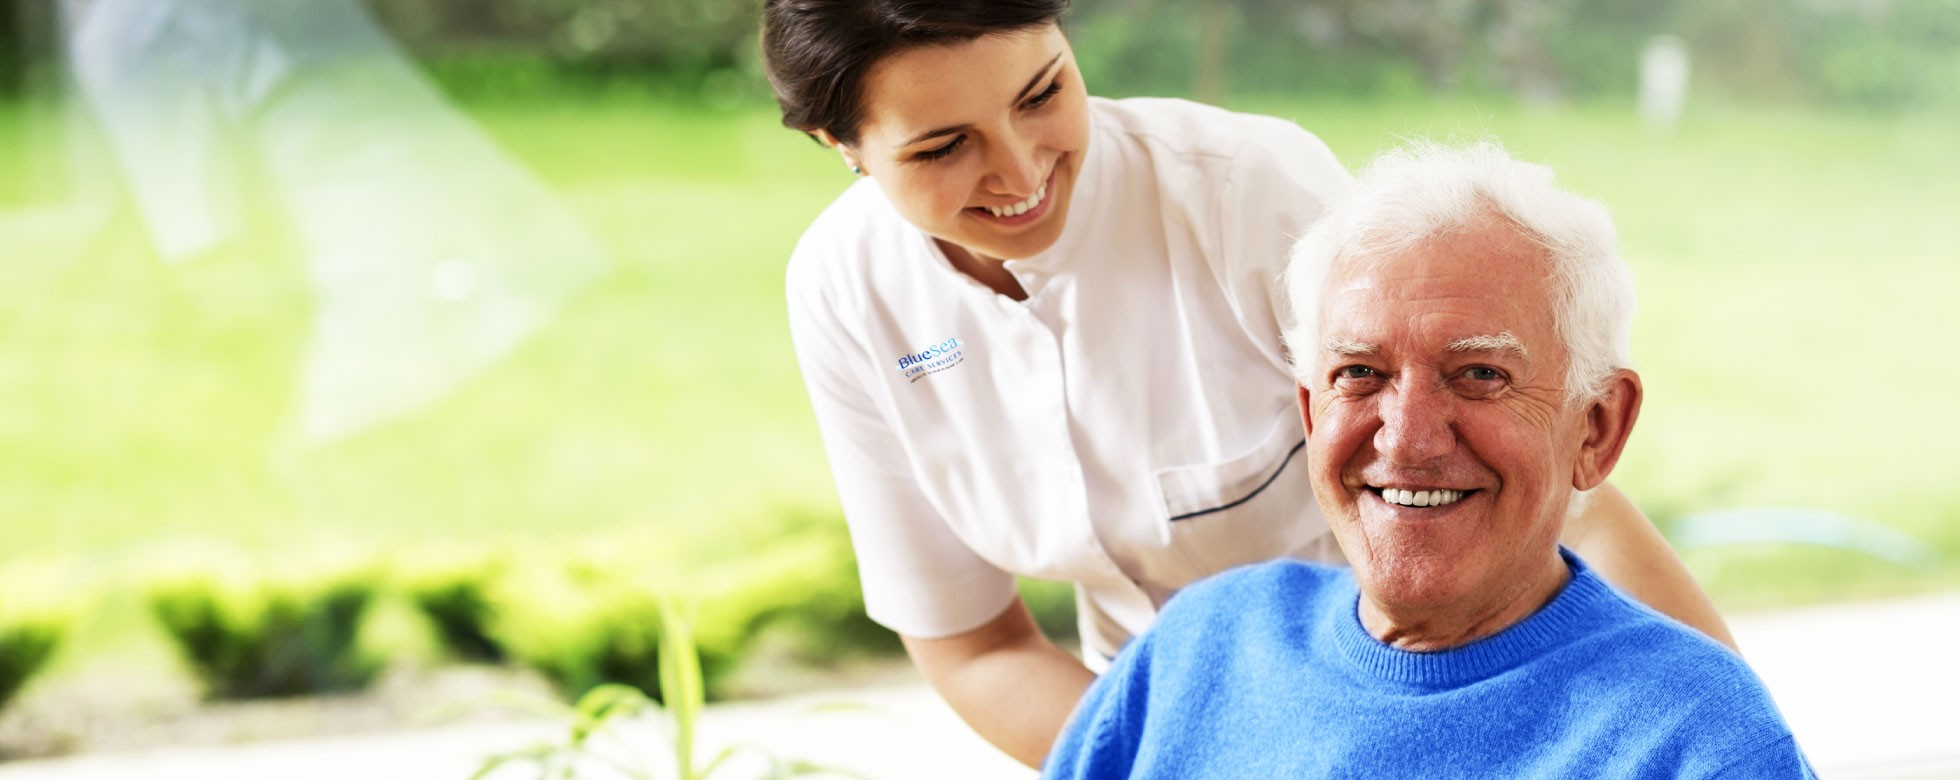 wellness for seniors